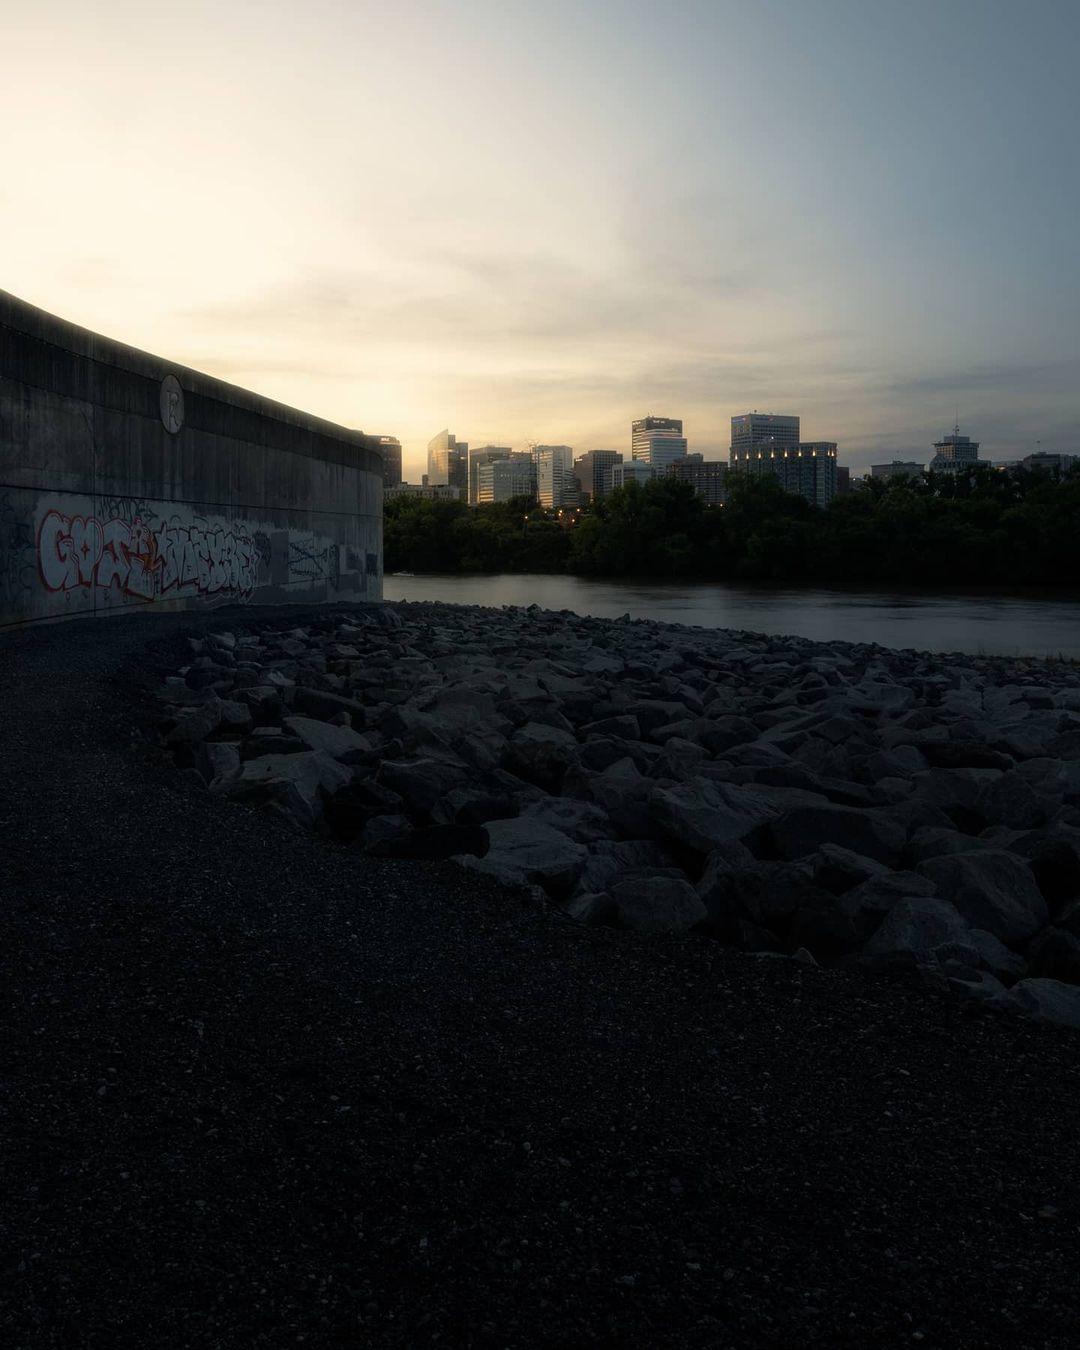 Места и пейзажи из путешествий Кайла Бойкина